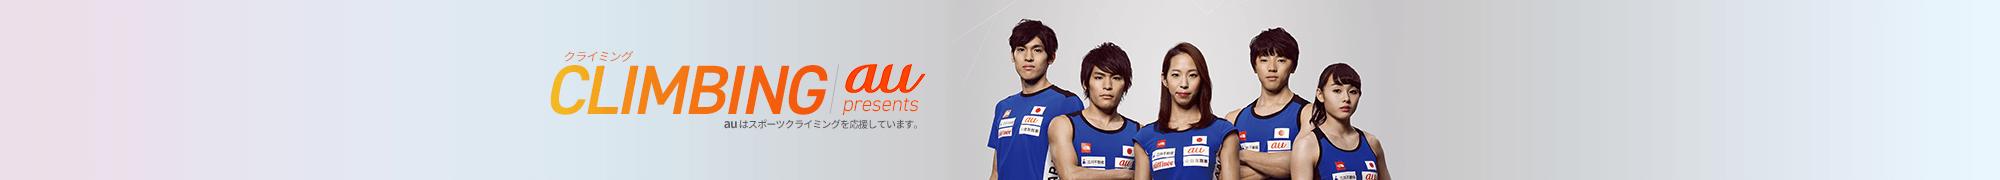 3日、スポーツクライミング最高峰の大会で2年に1度開催される世界選手権(9月6日~16日)に向け、日本代表選手団が開催地のオーストリア・インスブルックへと出発した。今シーズンのボル…